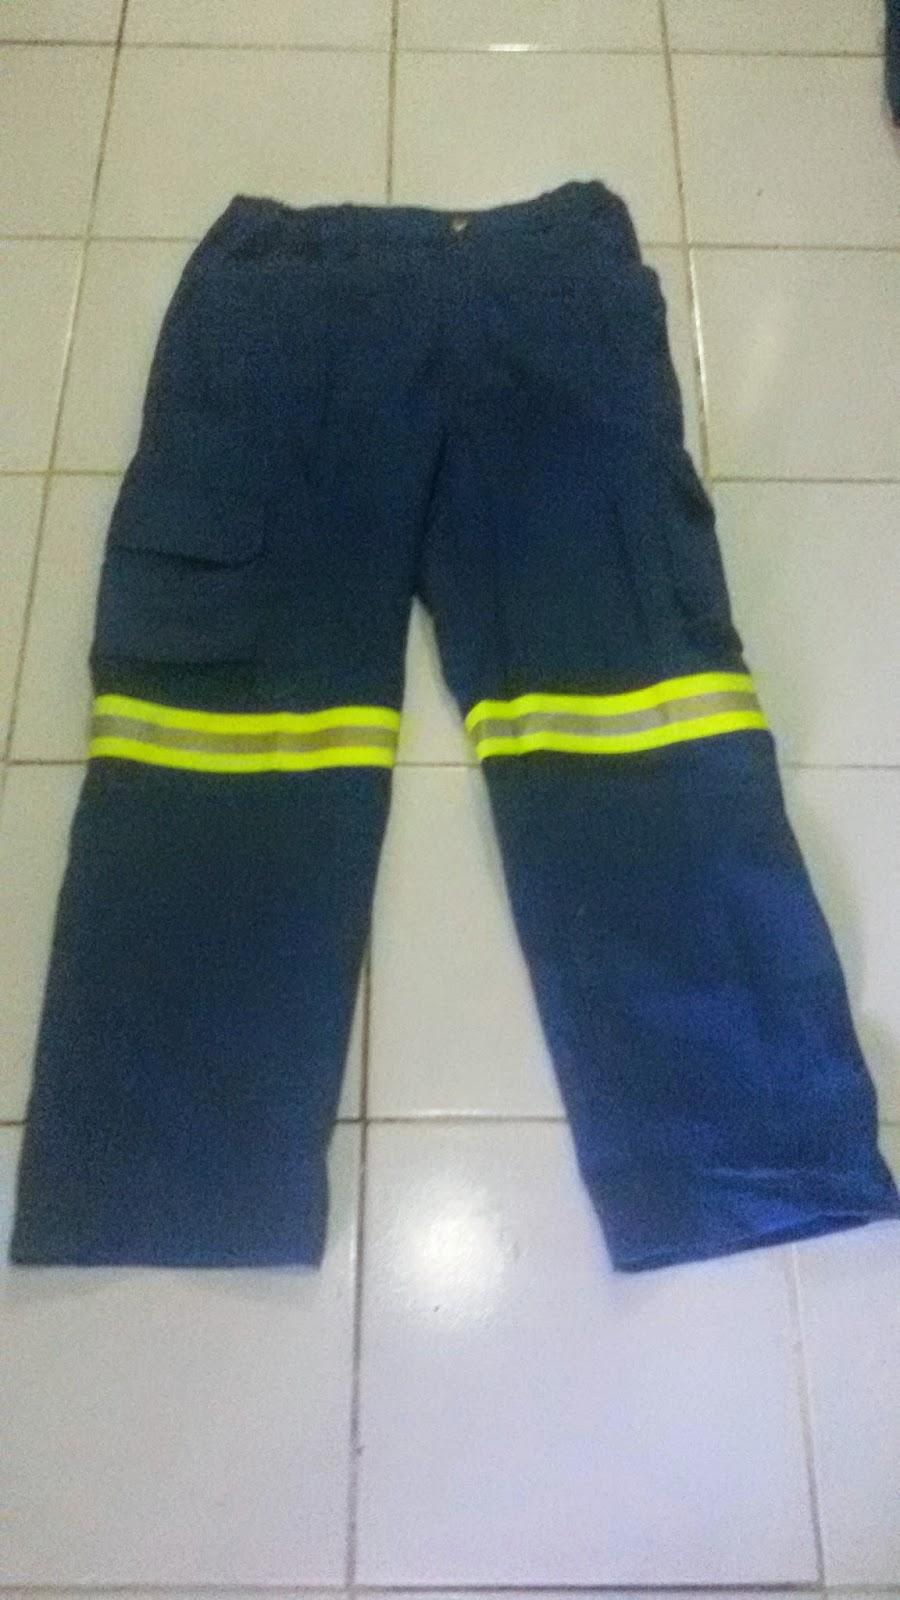 atau sering di sebut juga Wearpak Fire Retardant dimana fungsinya untuk Pekerjaan yang res COVERALL FIRE RETARDANT BAHAN COTTON